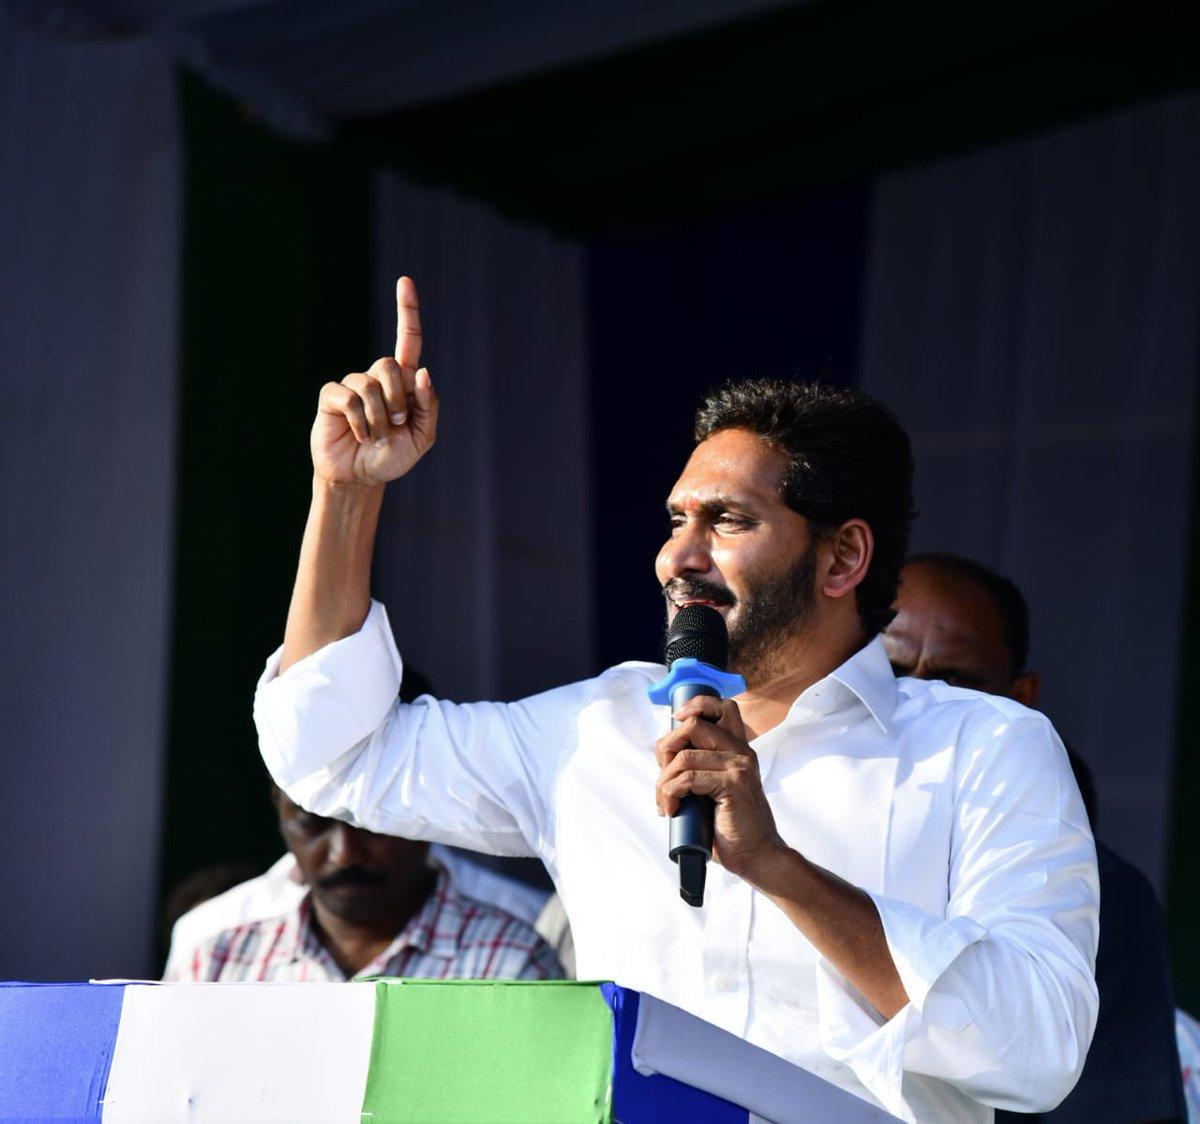 YSRCP, Jaganmohan Reddy, Elections 2019, Lok Sabha Elections 2019, News Mobile, News Mobile India